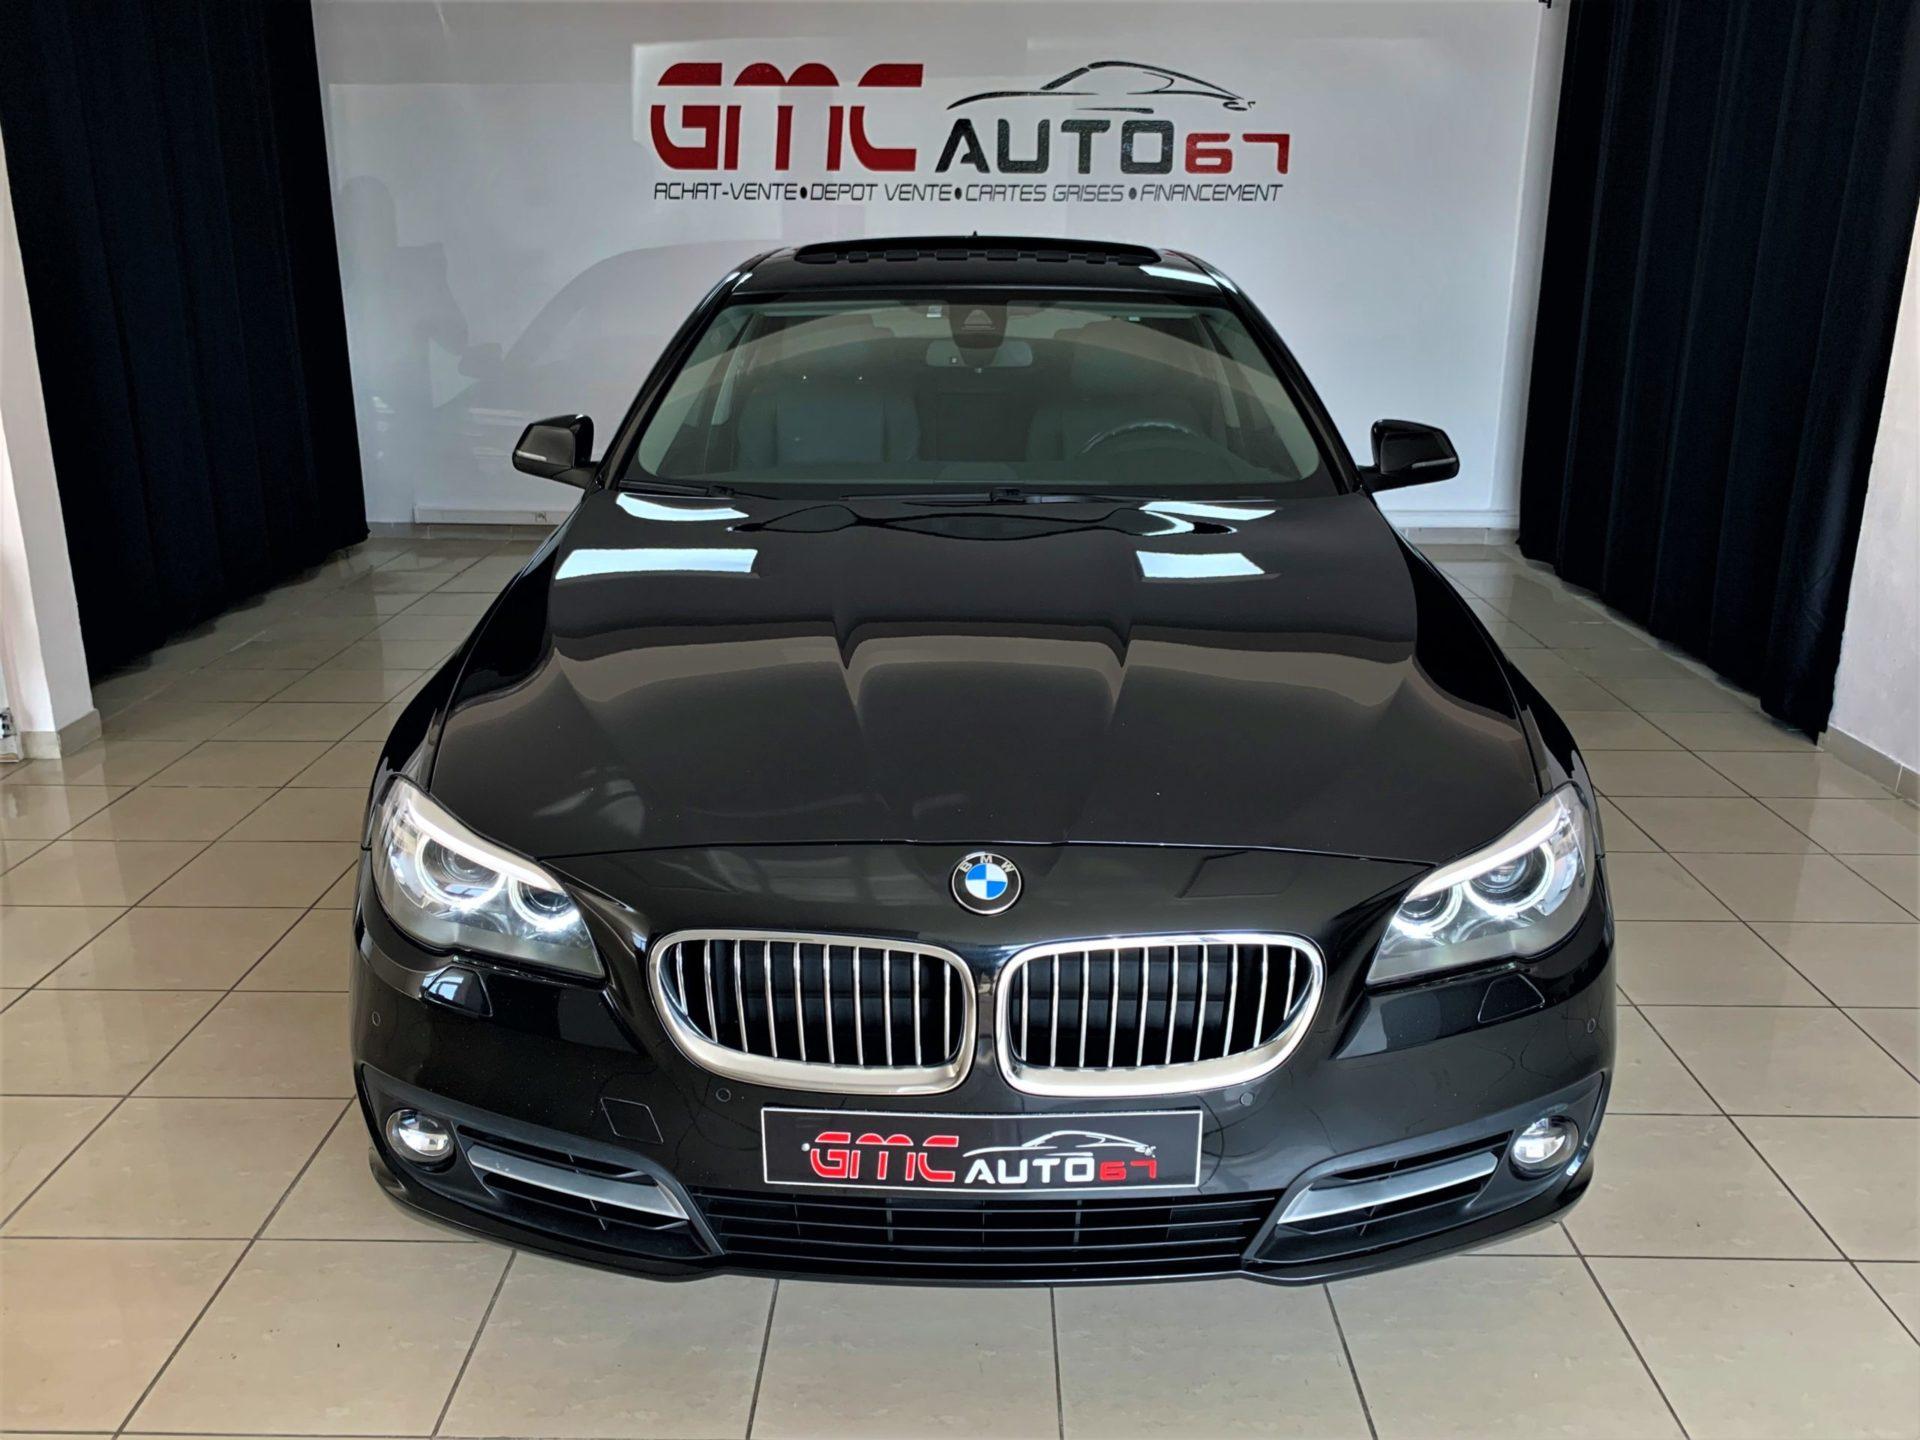 BMW SERIE 5 520d 190 ch Lounge Plus A - GMC AUTO 67